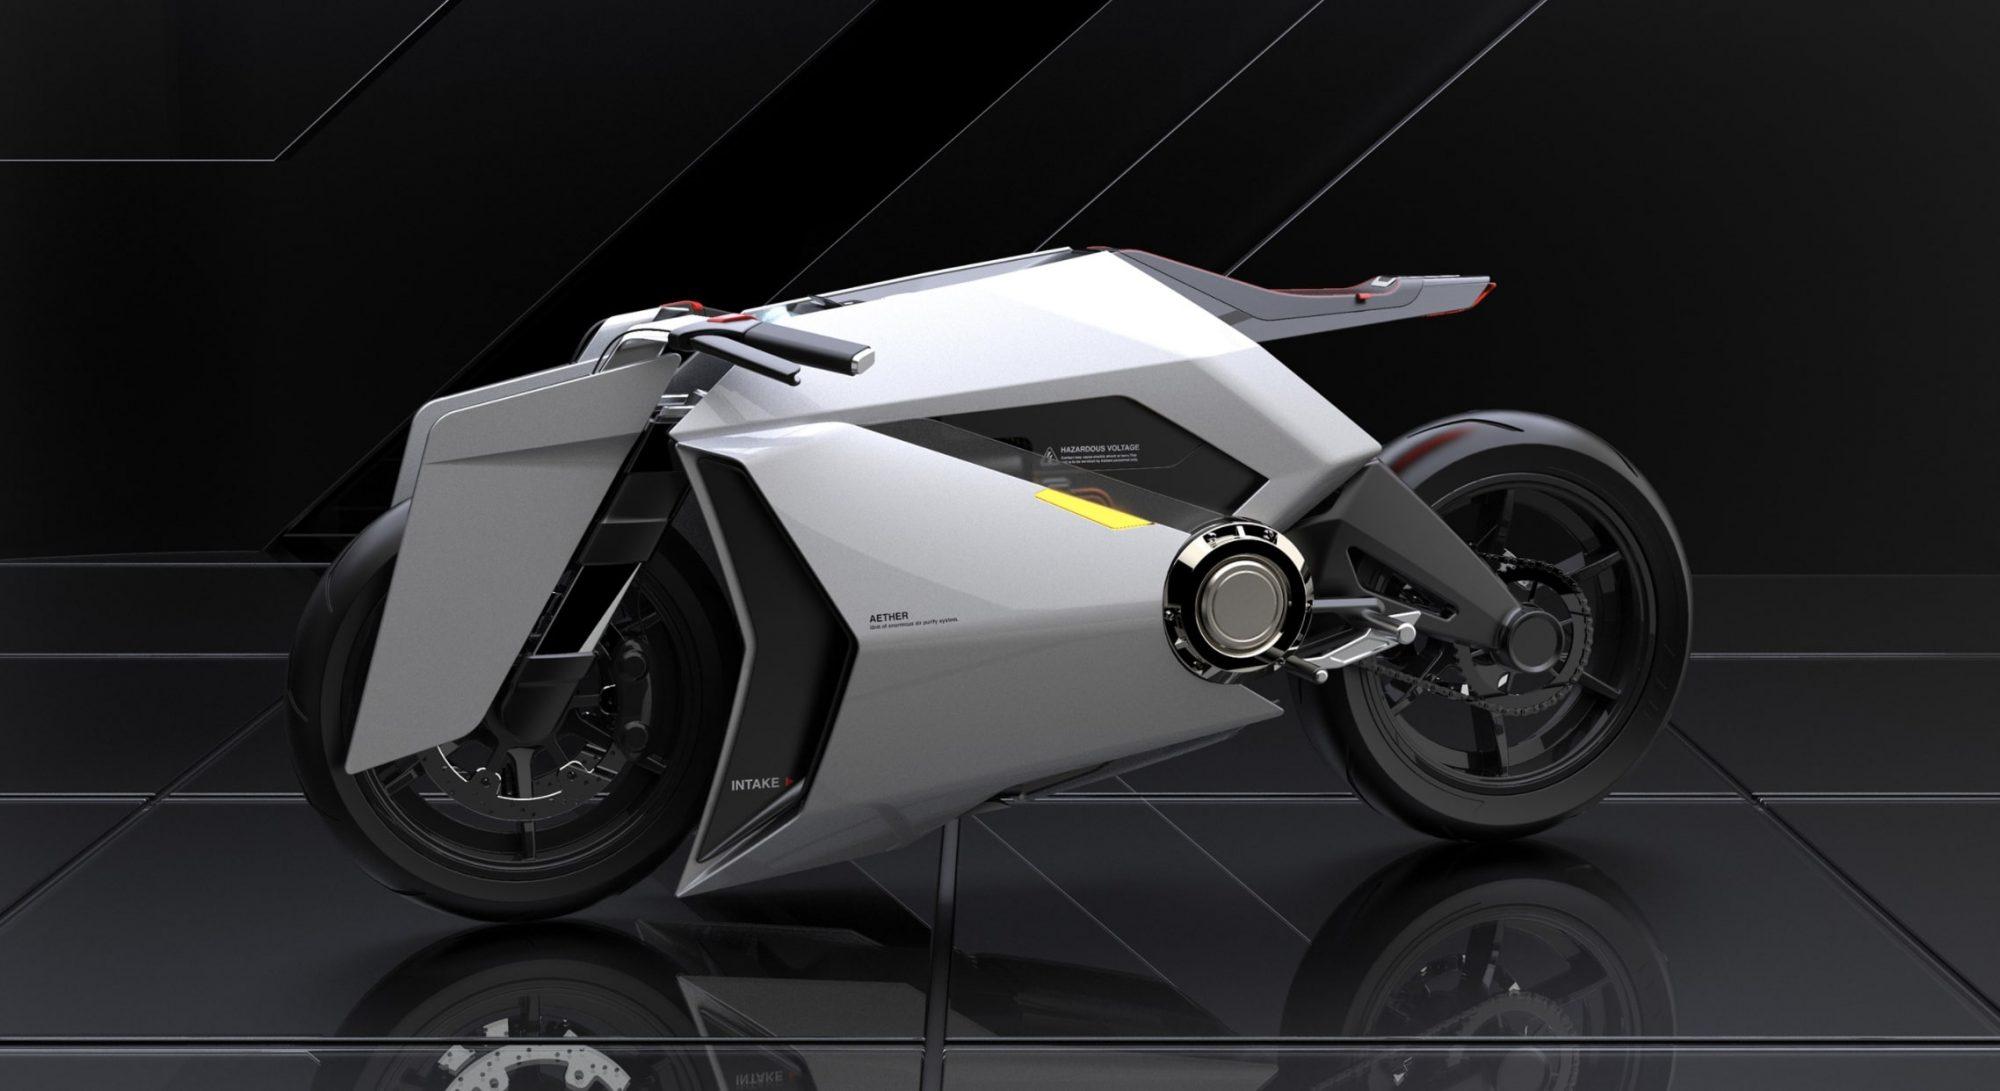 Cette moto électrique purifie l'air sur son passage